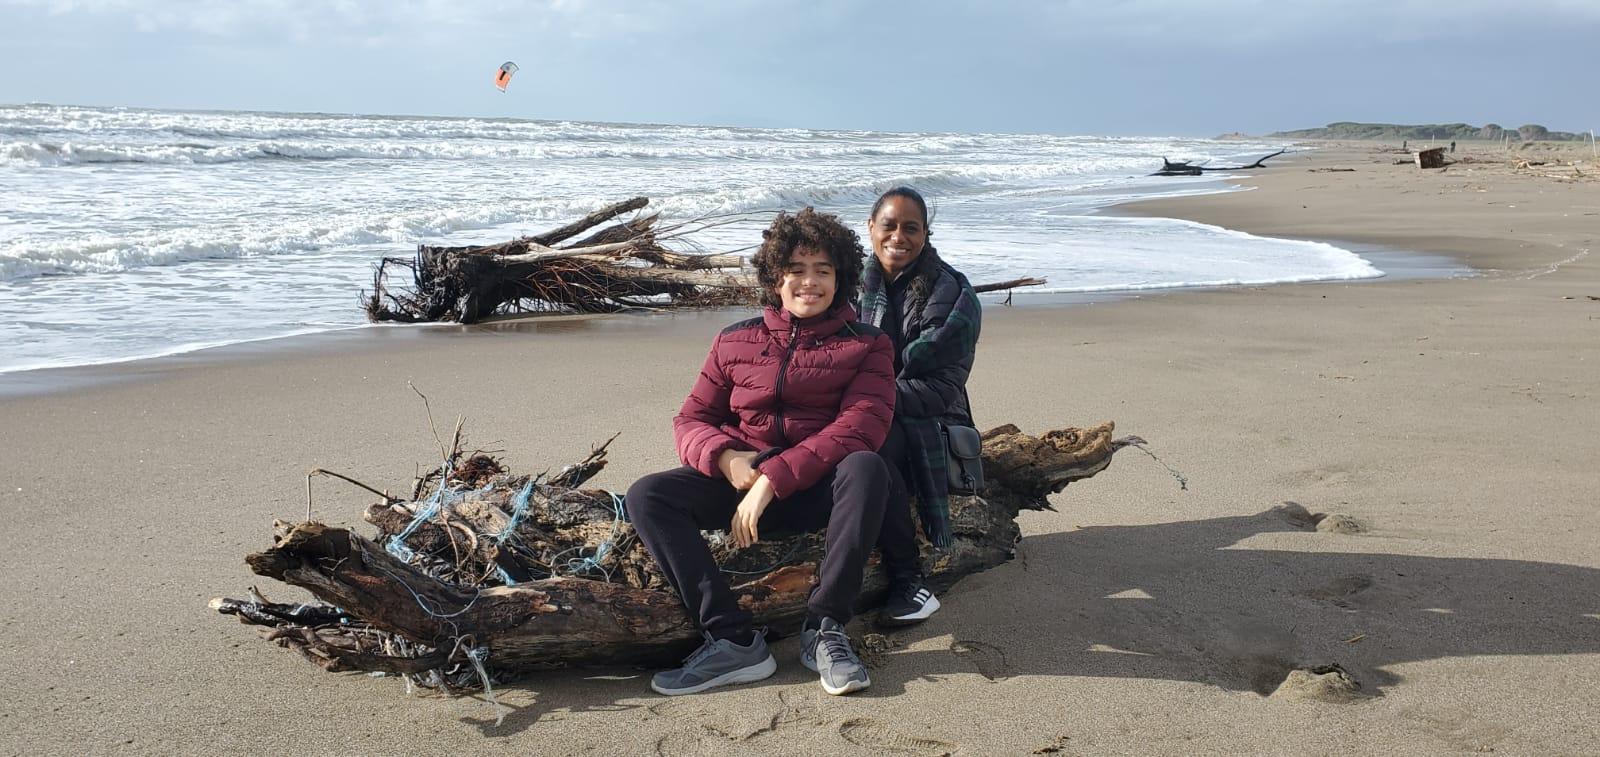 Juli-Anne with her son